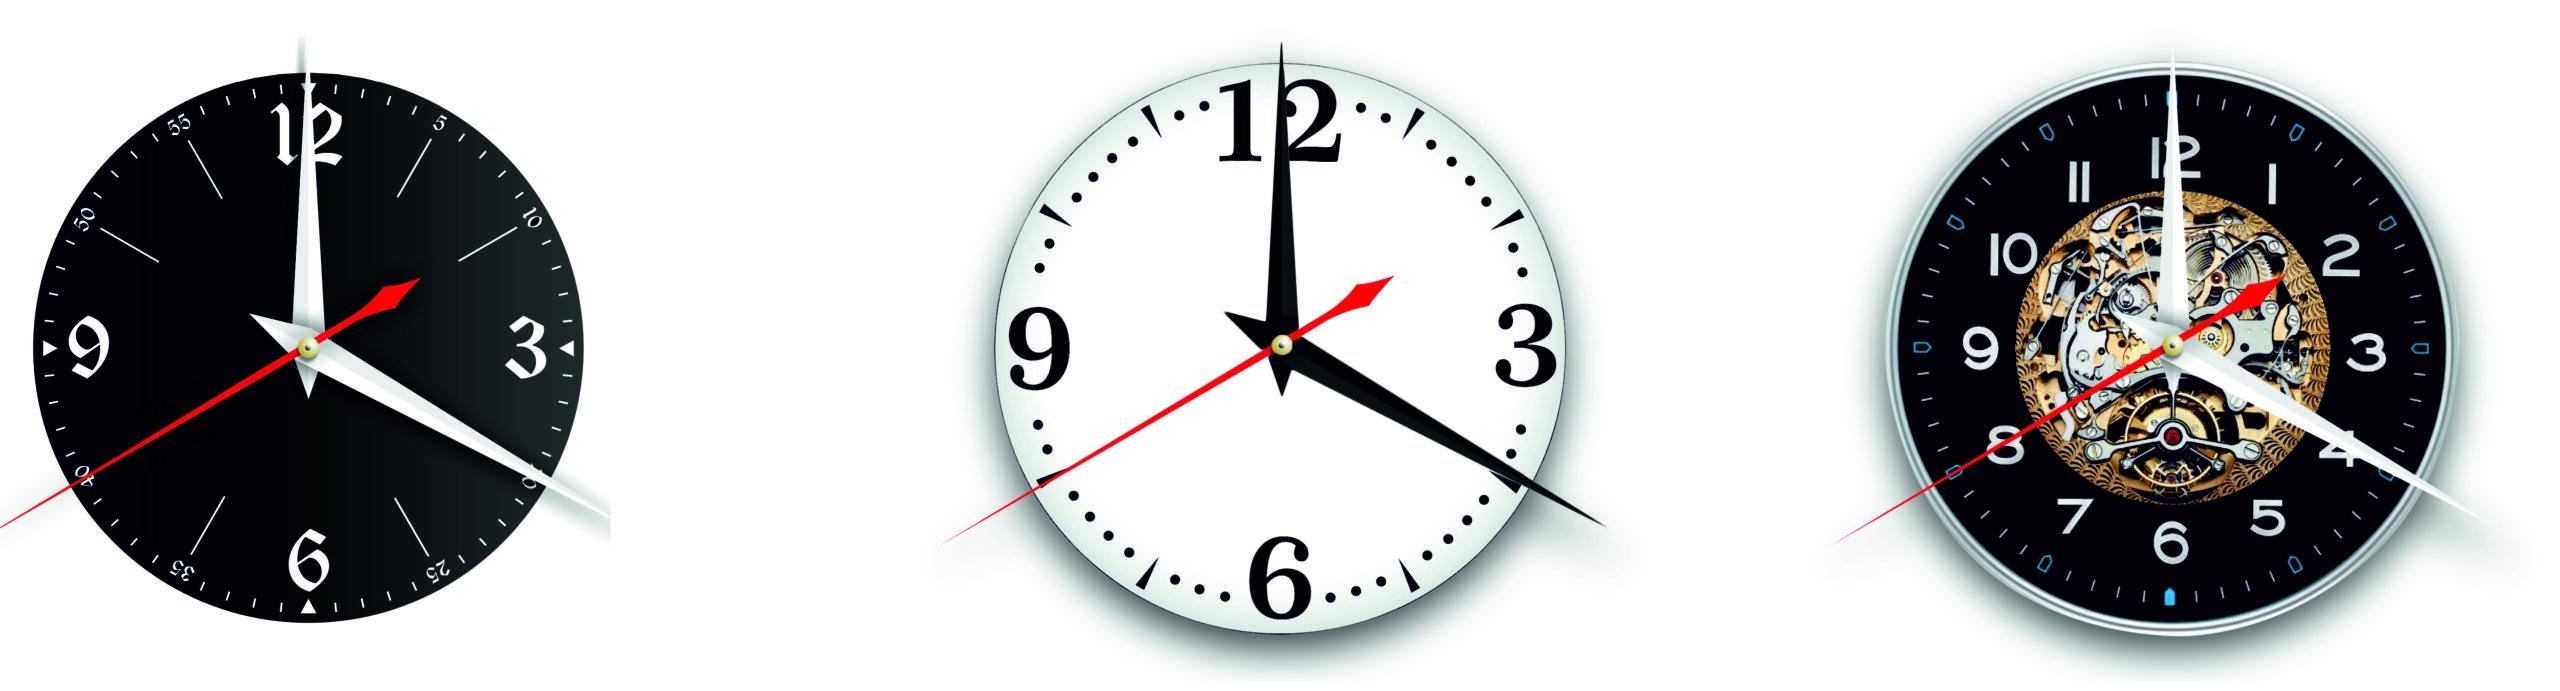 Мари Лафоре [Версия 1]. Дизайнерские часы из настоящей виниловой пластинки